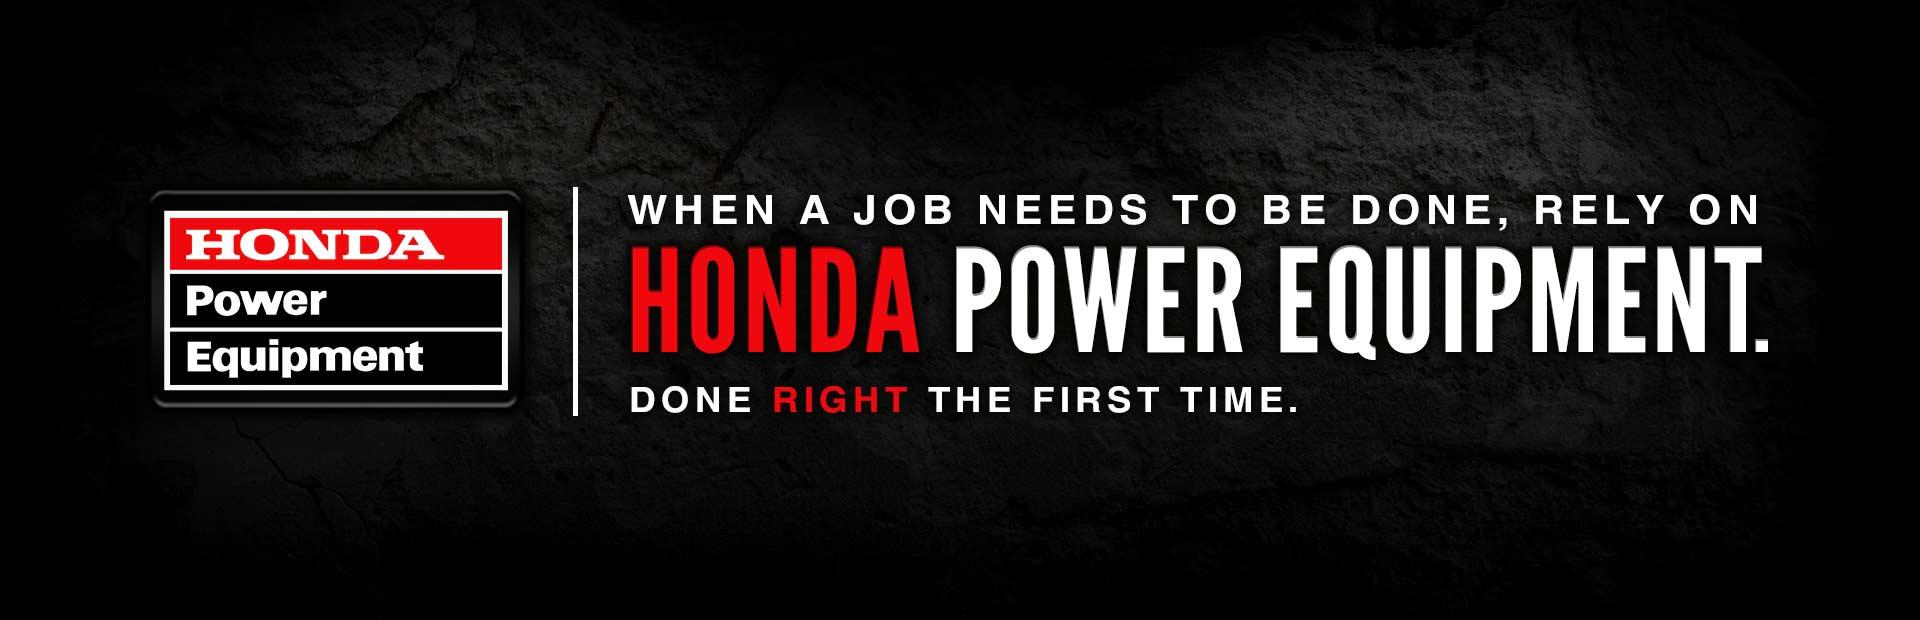 Click here to view Honda Power Equipment.